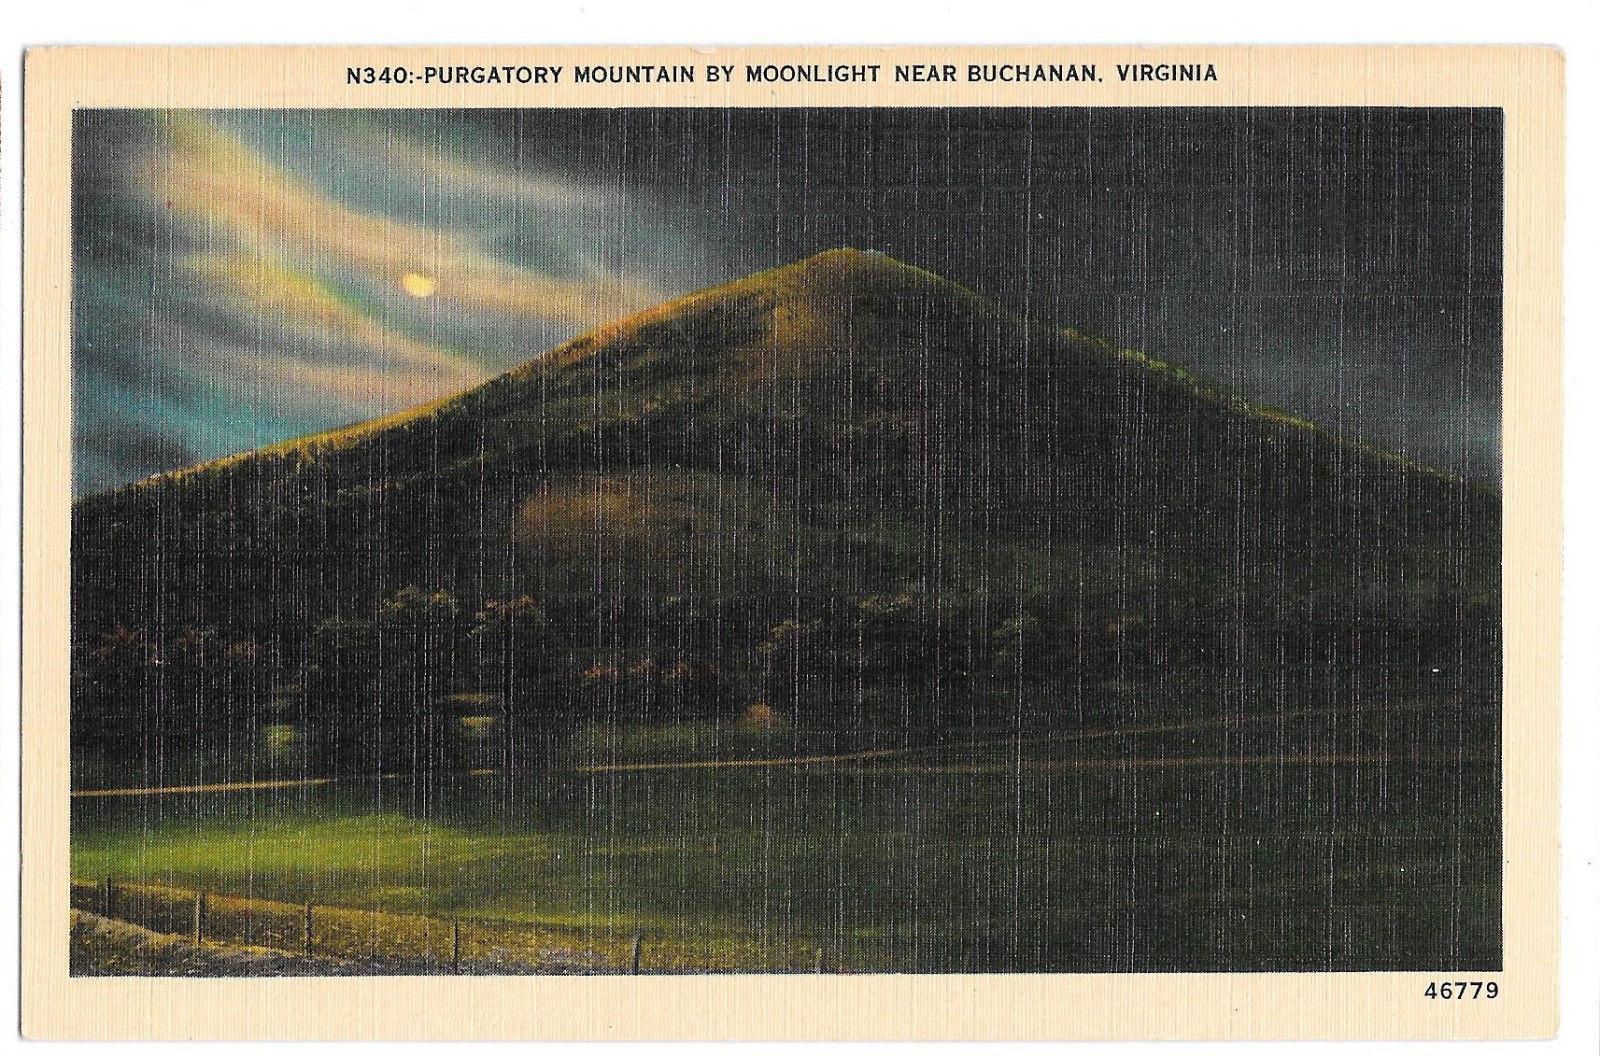 VA Buchanan Purgatory Mountain by Moonlight Vtg Linen Postcard Virginia